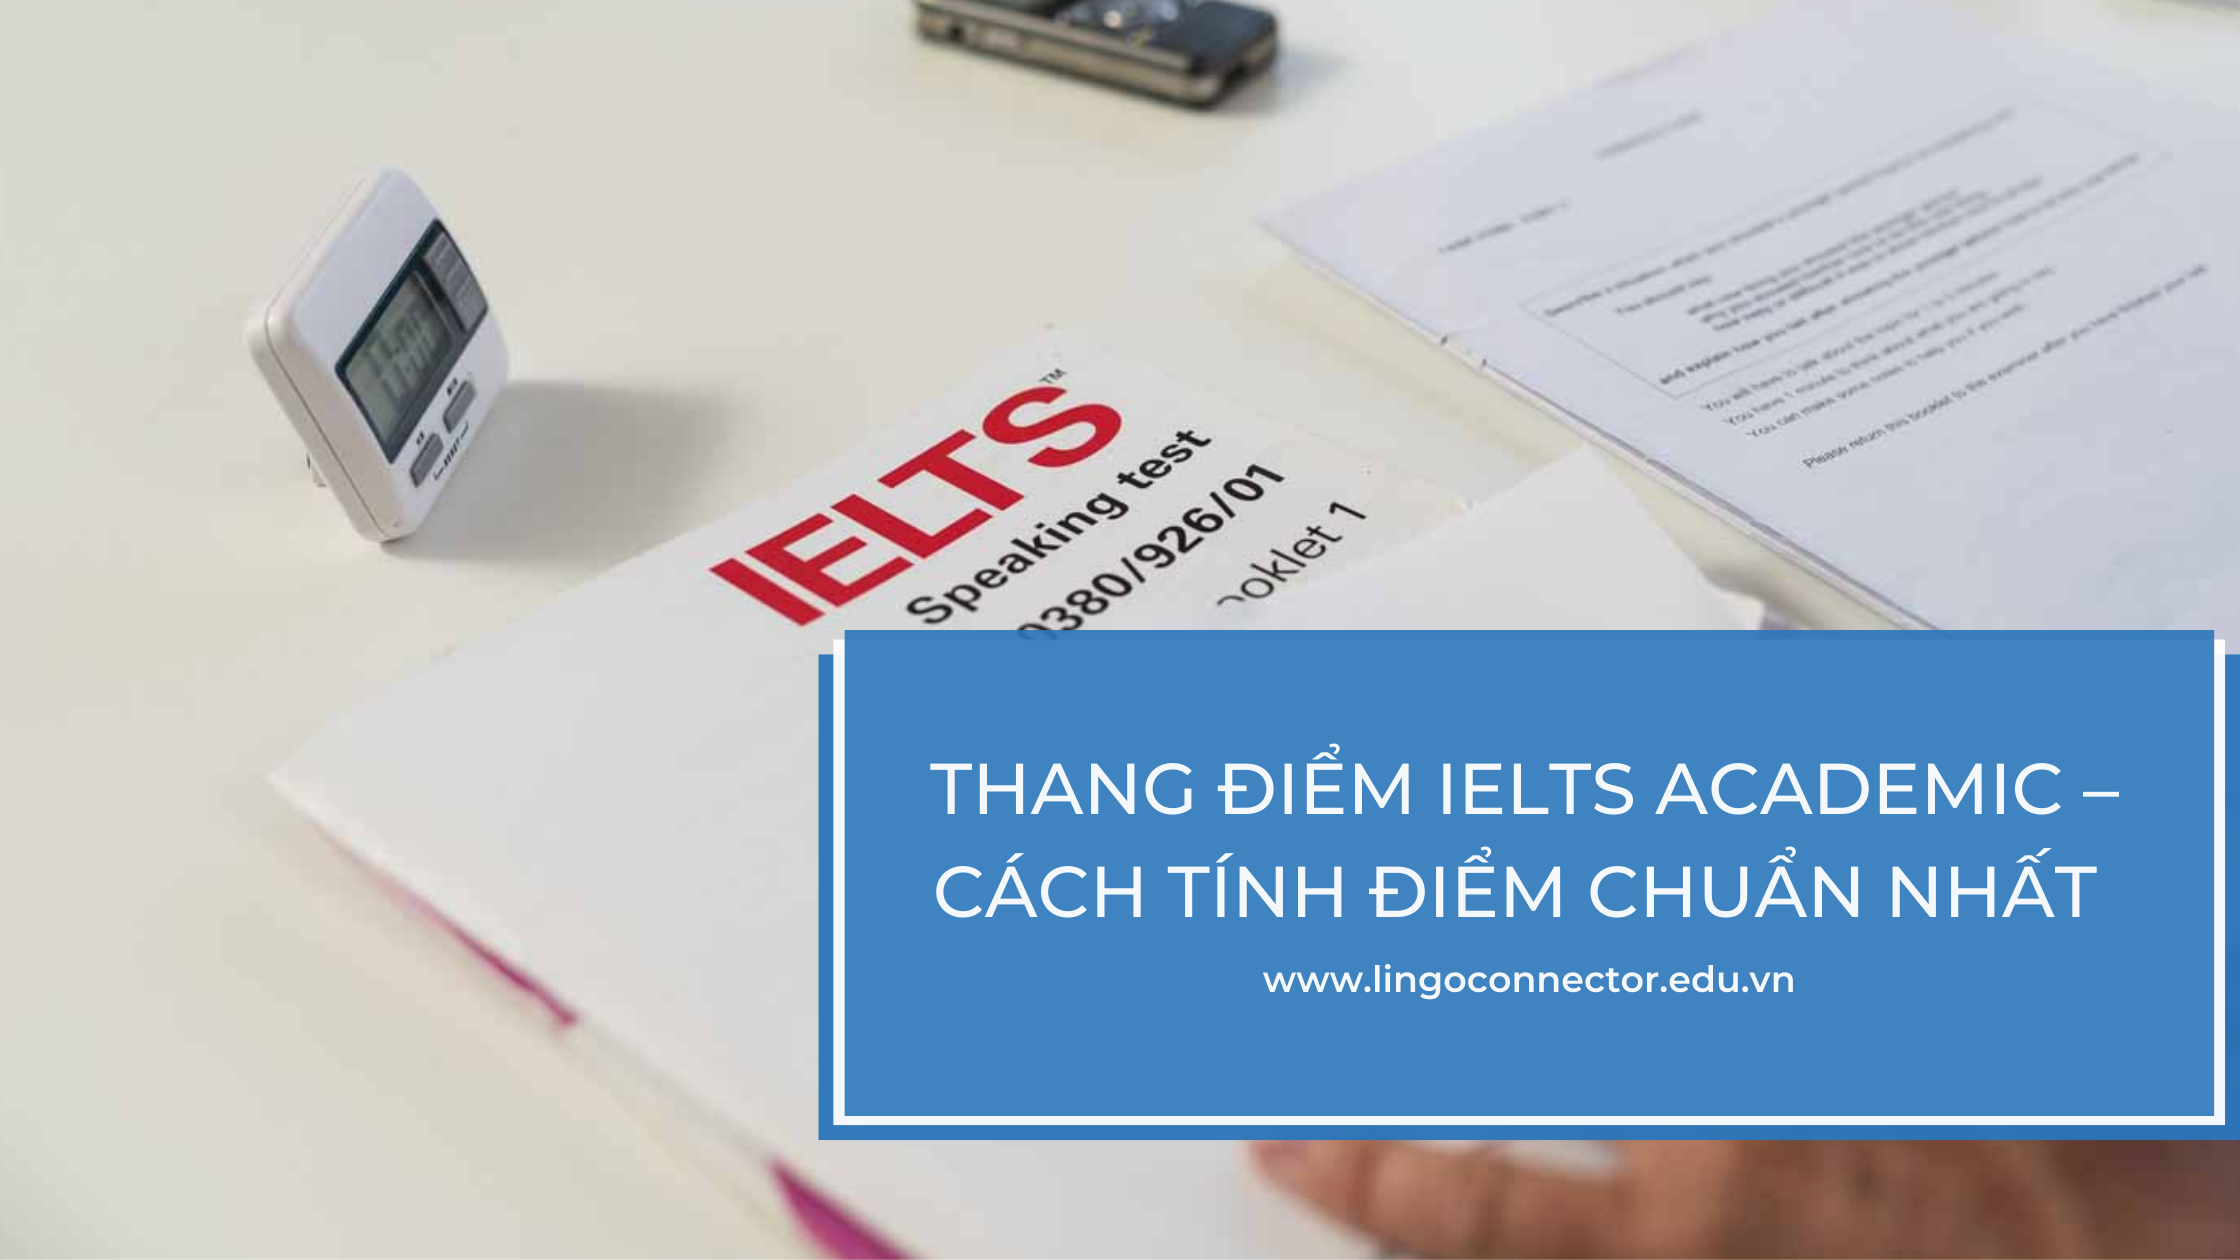 Thang điểm IELTS Academic – Cách tính điểm chuẩn nhất năm 2021